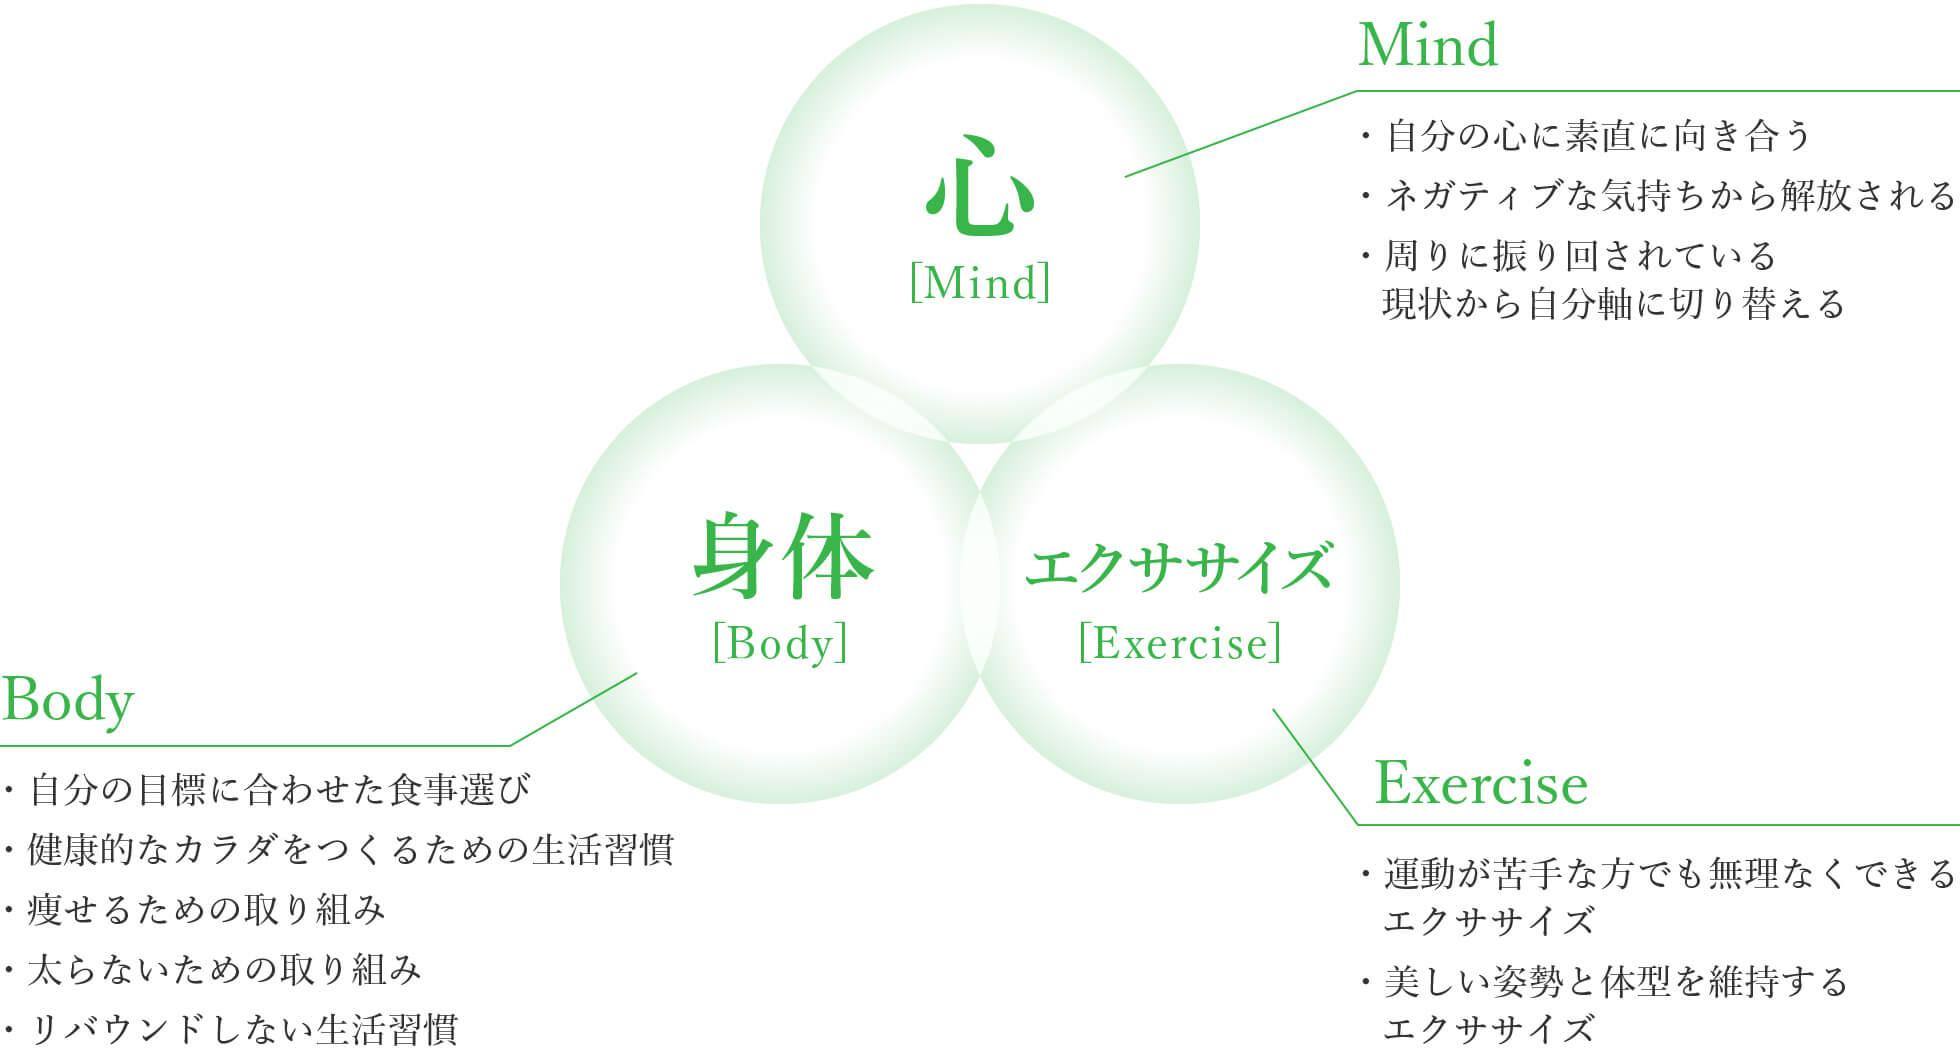 ダイエット卒業の為の3つのアプローチ|リソカラ